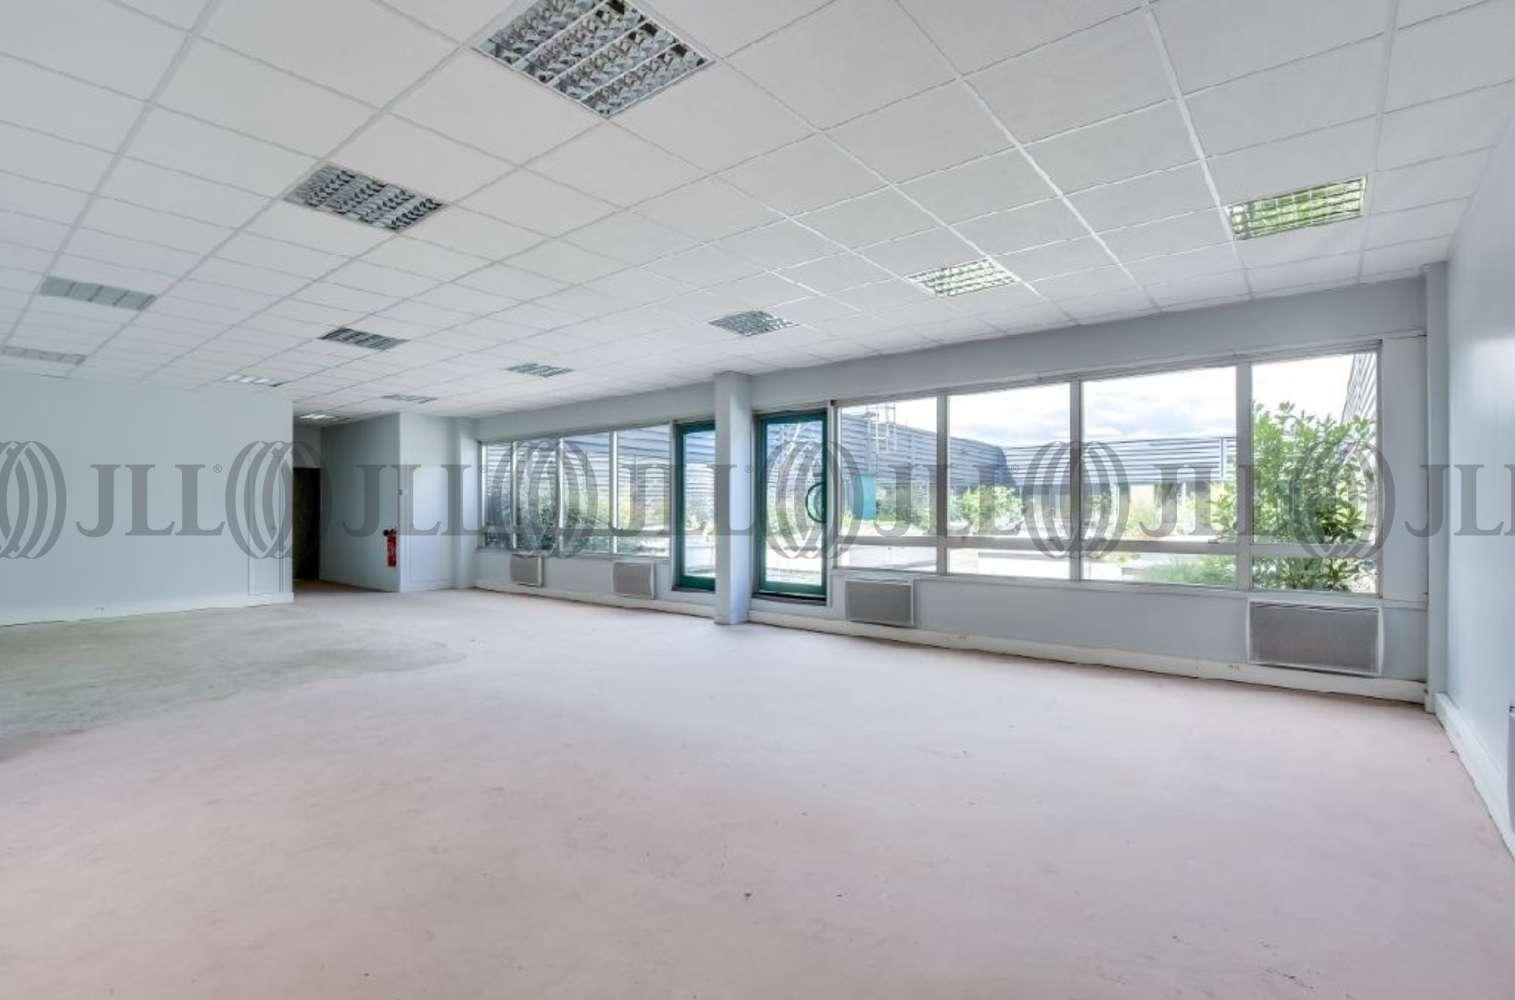 Activités/entrepôt Sartrouville, 78500 - 5-7 RUE D'ESTIENNE D'ORVES - 9445181